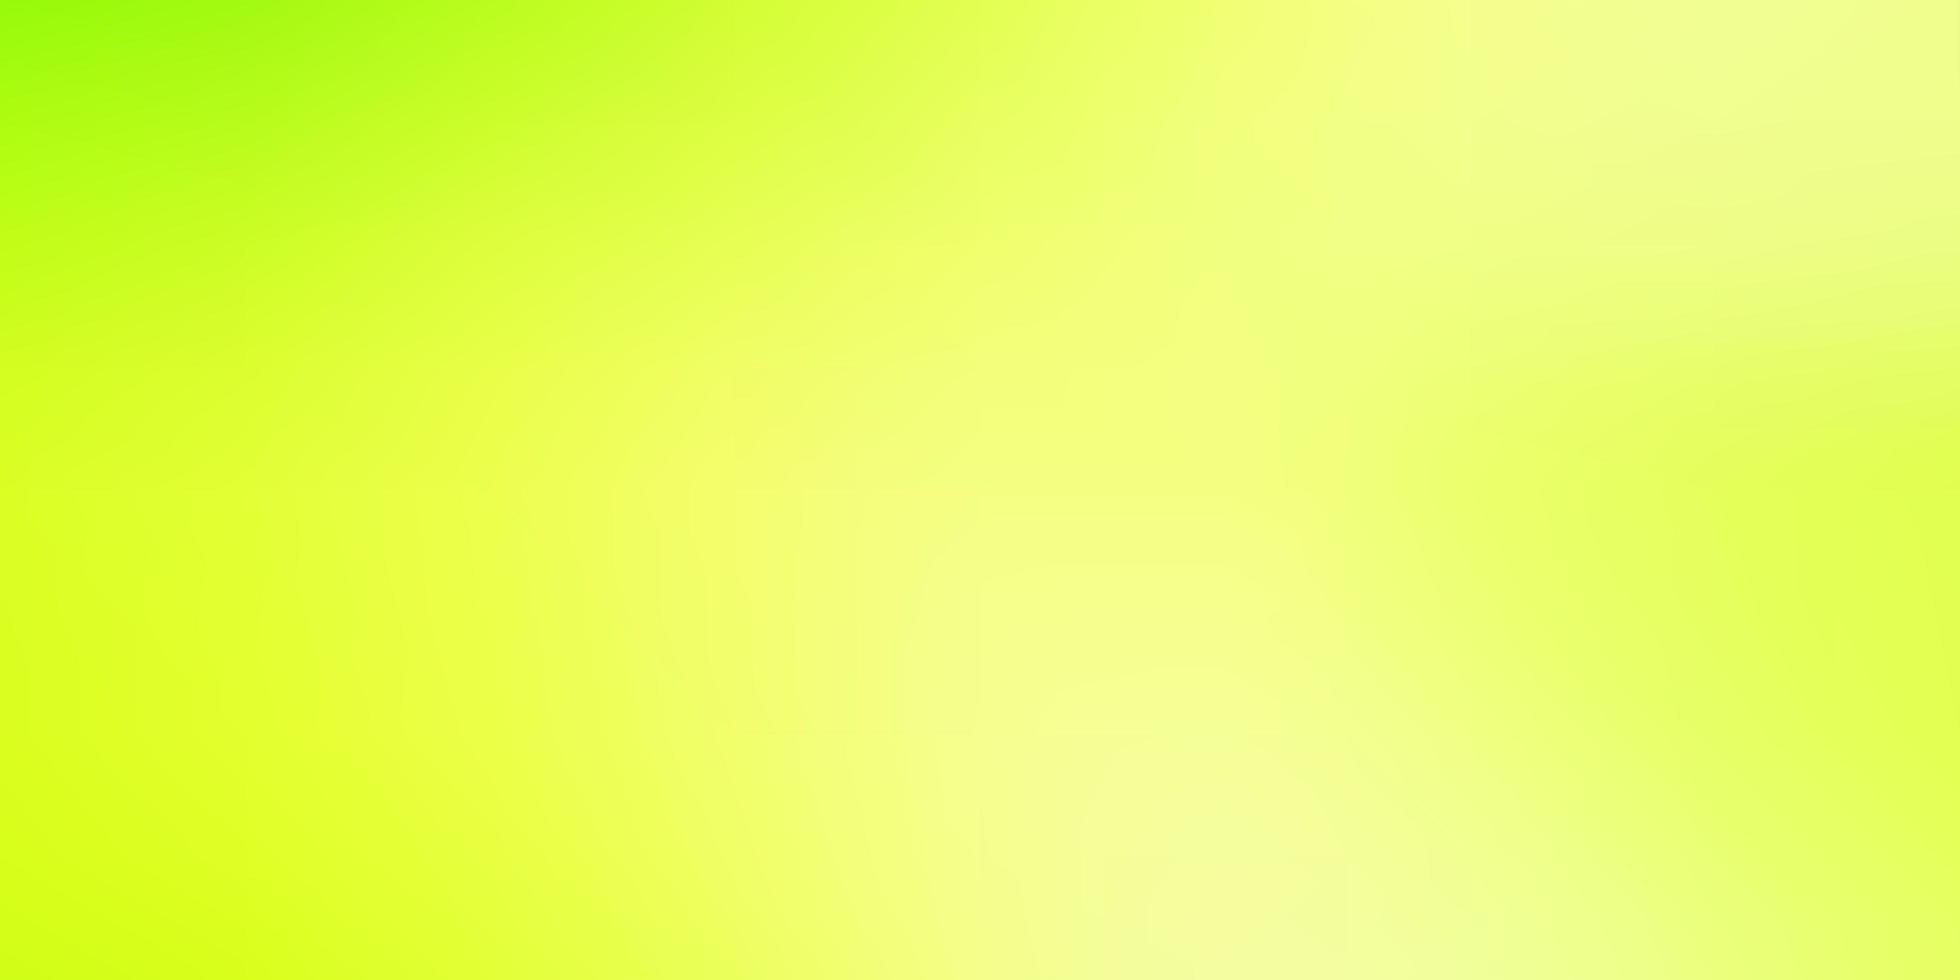 modelo borrado de vetor verde e amarelo claro.